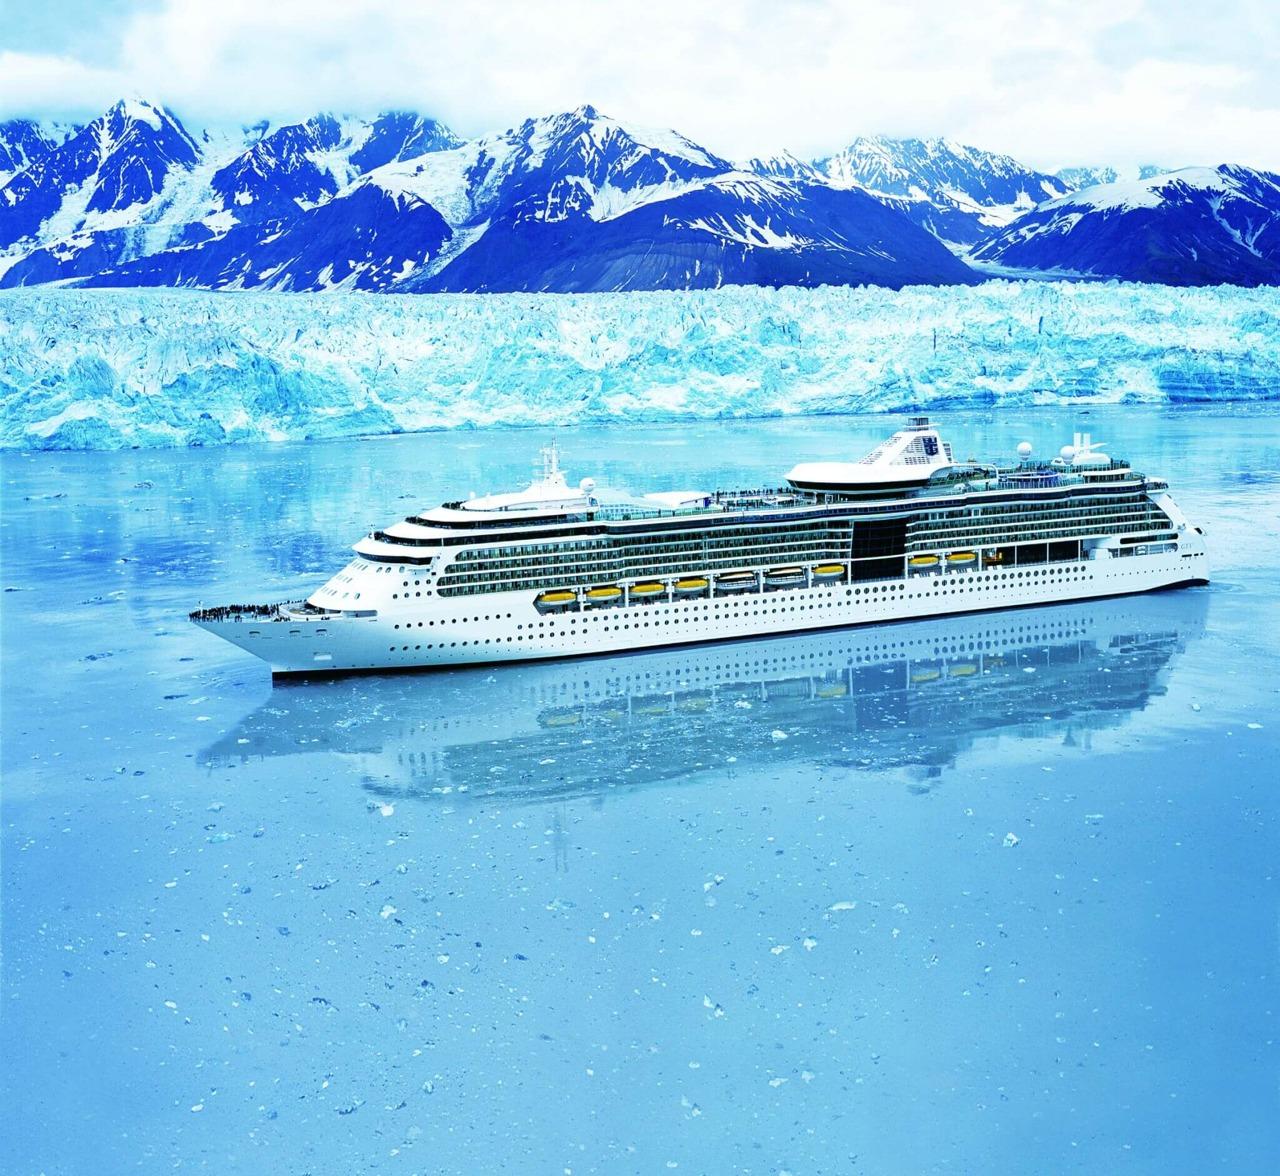 Круизный лайнер Radiance of the Seas - Внешний вид лайнера (Exterior)